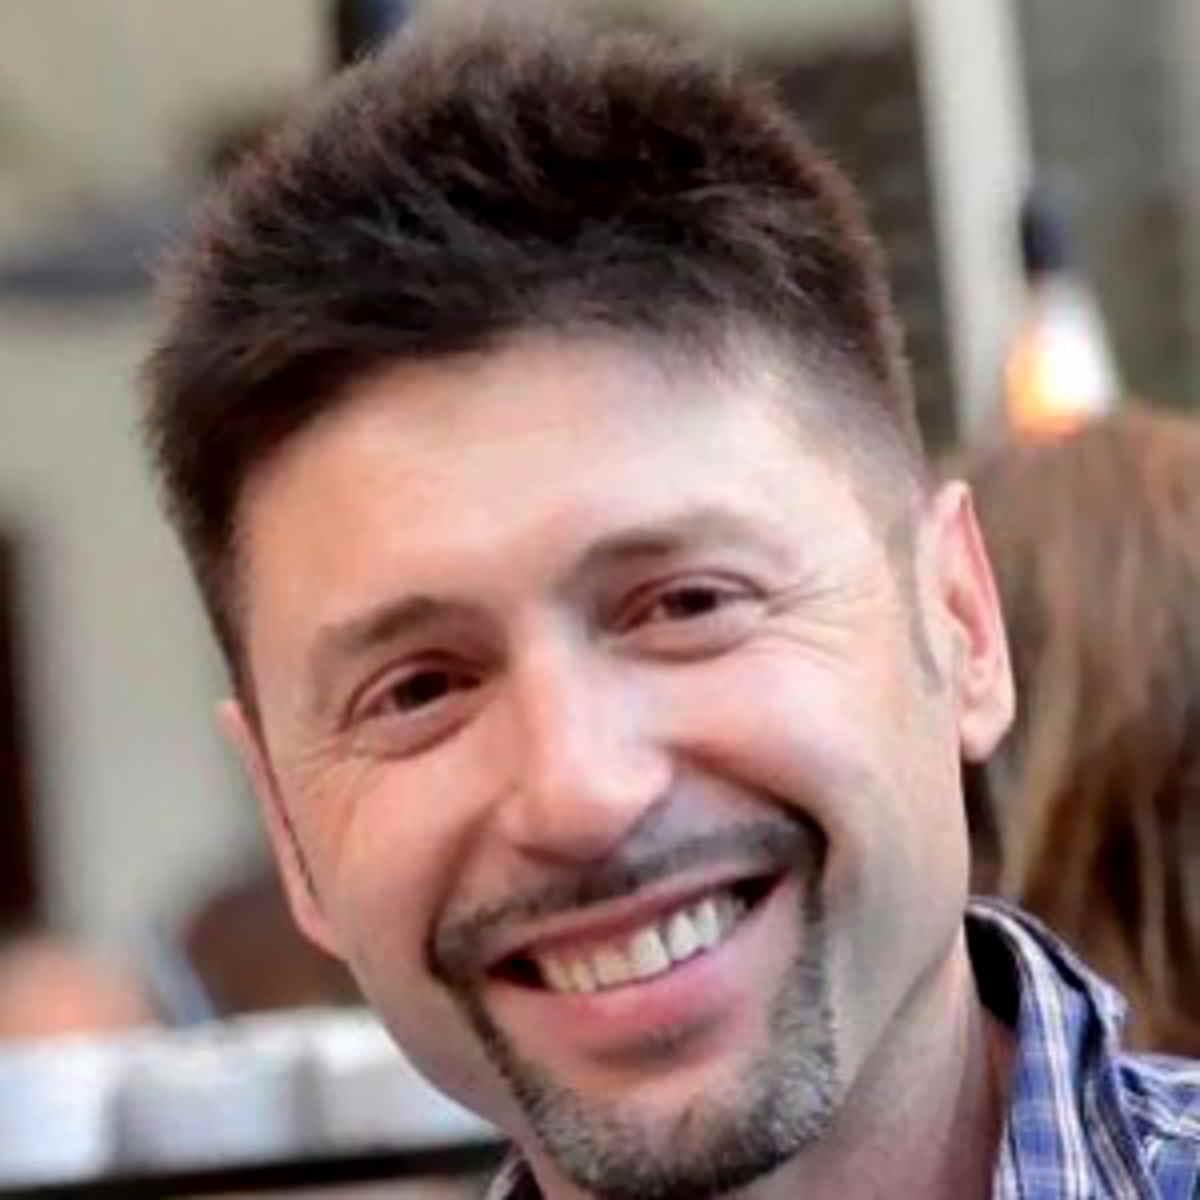 Emmanuele Macaluso intervista Alberto Martinelli, il manager di Tony Cairoli